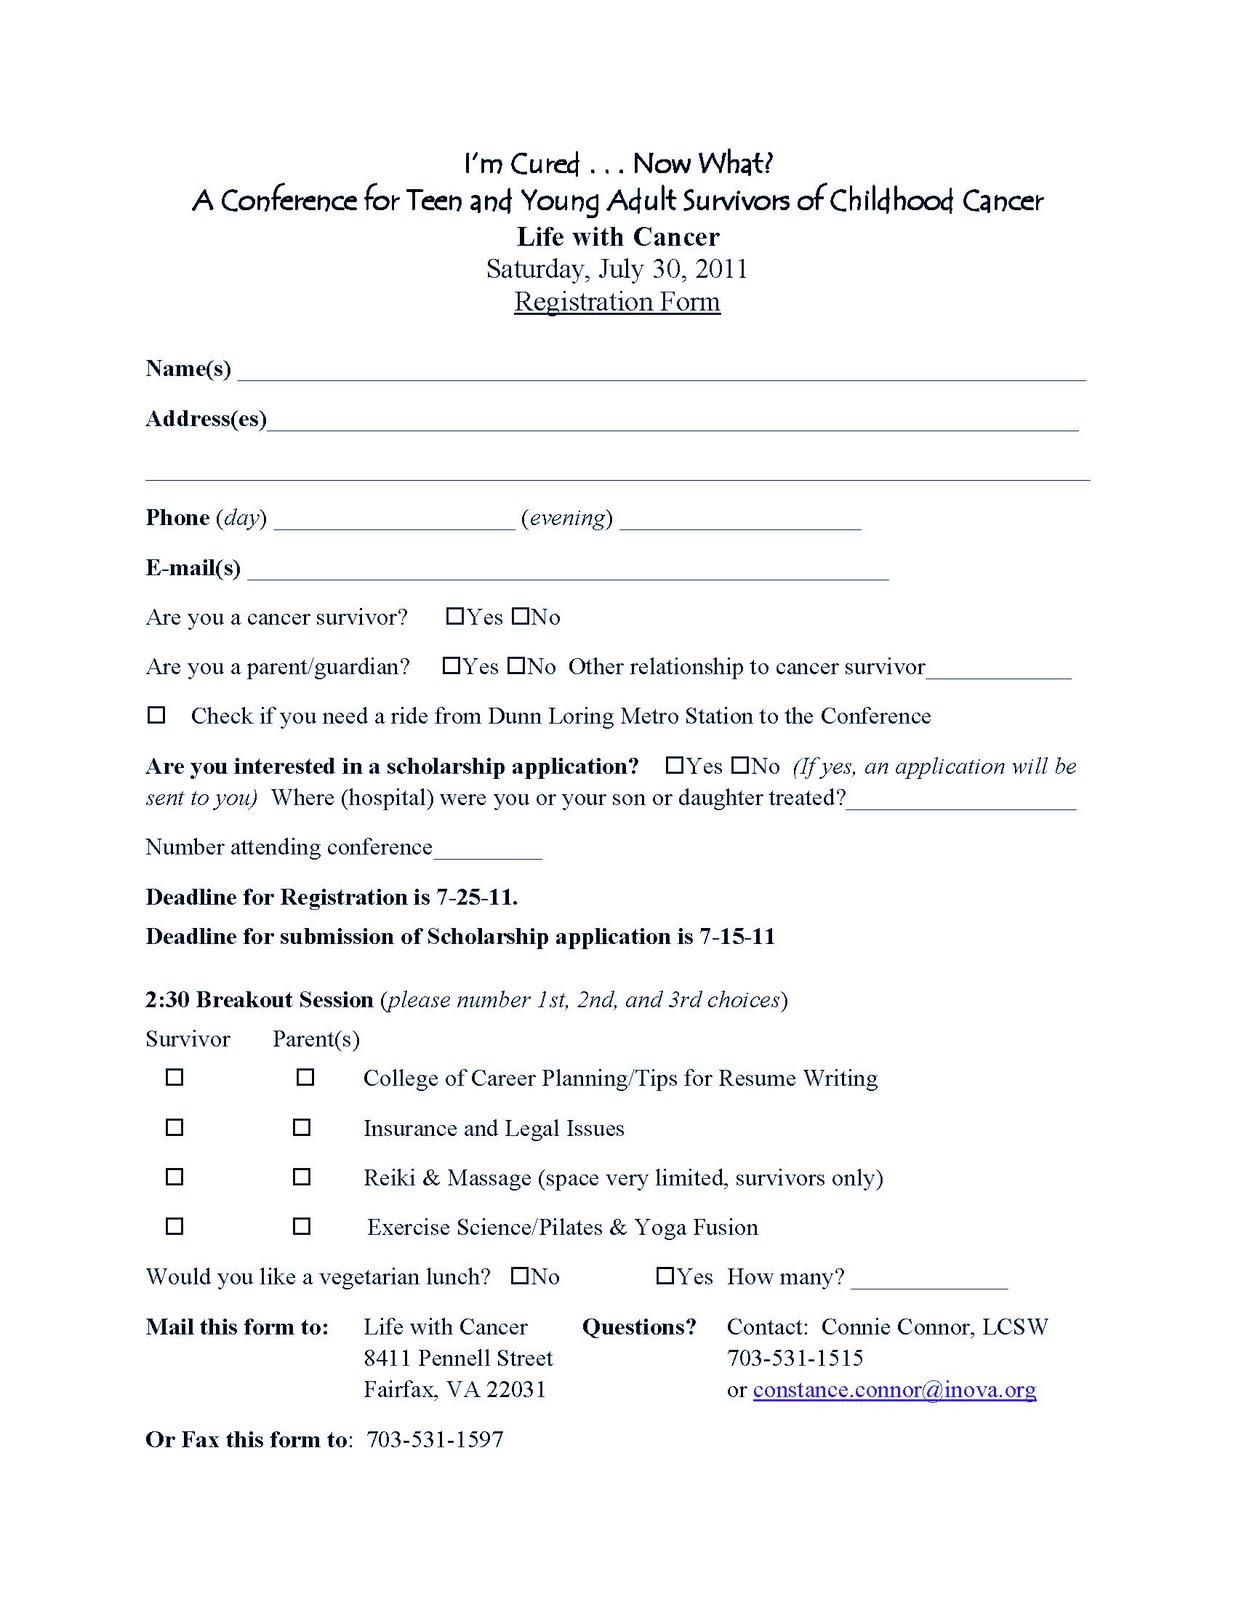 File Name : 2011+Conference+Registration+Form.jpg Resolution : 1236 x ...